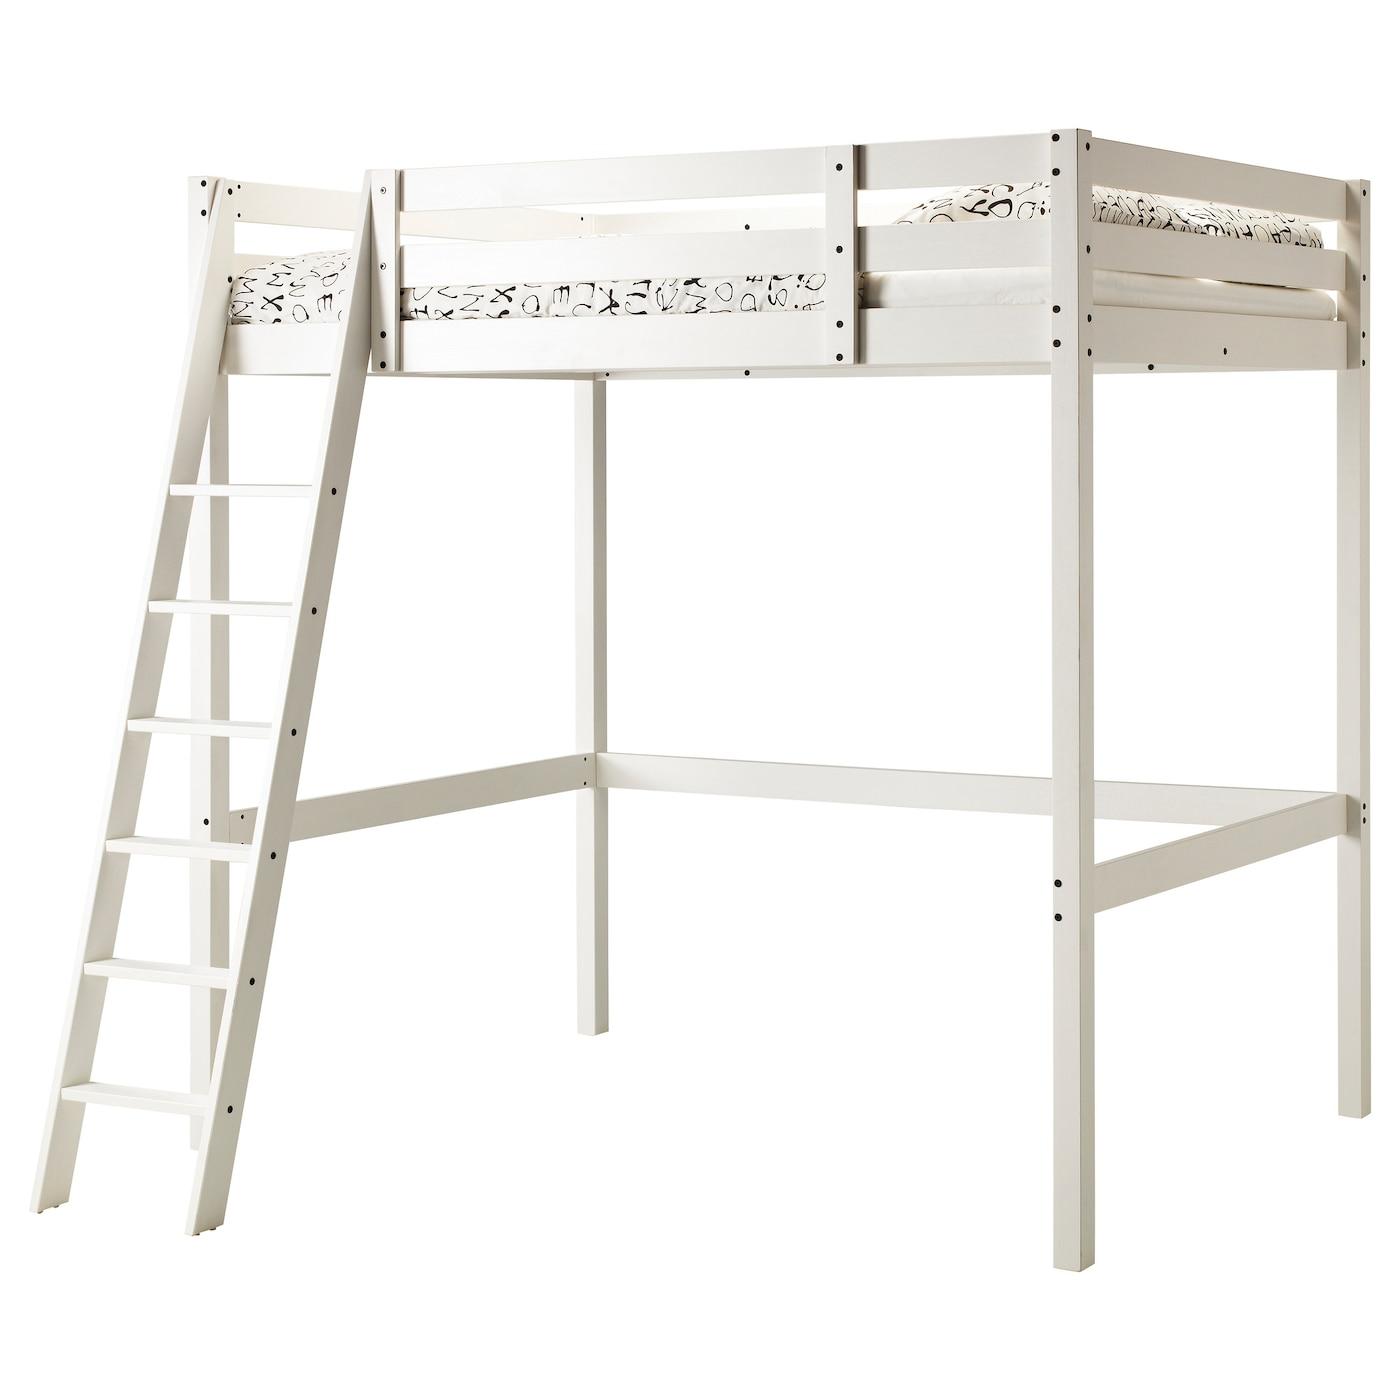 Bunk Beds Loft Beds Amp High Sleeper Beds Ikea Ireland